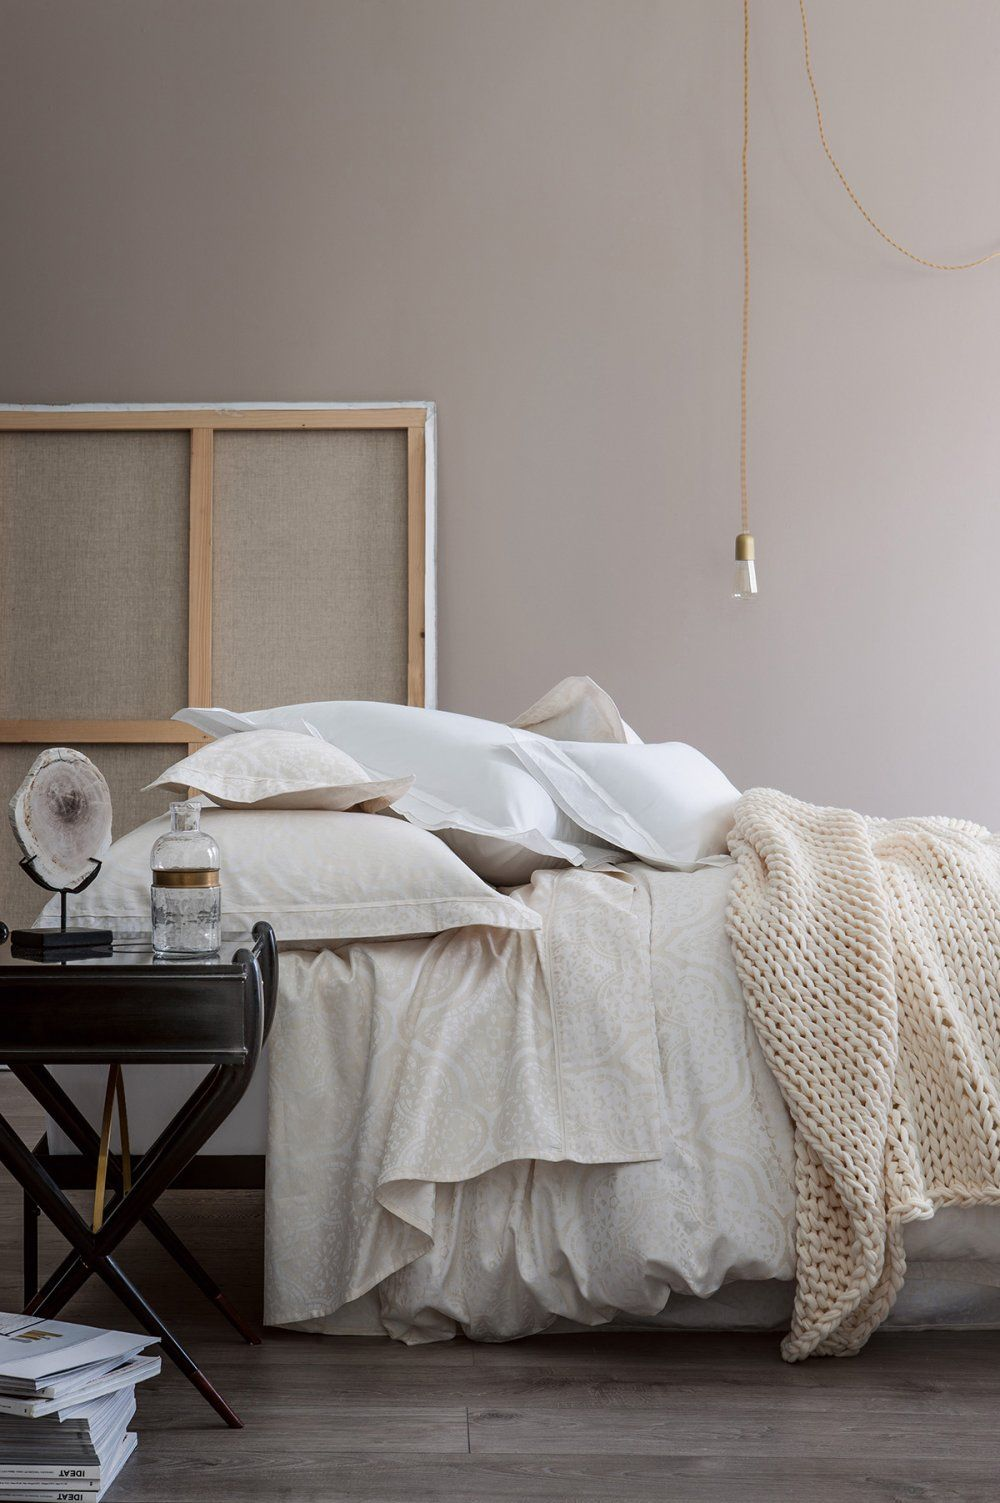 un lit cocooning avec des draps en lin cocooning. Black Bedroom Furniture Sets. Home Design Ideas